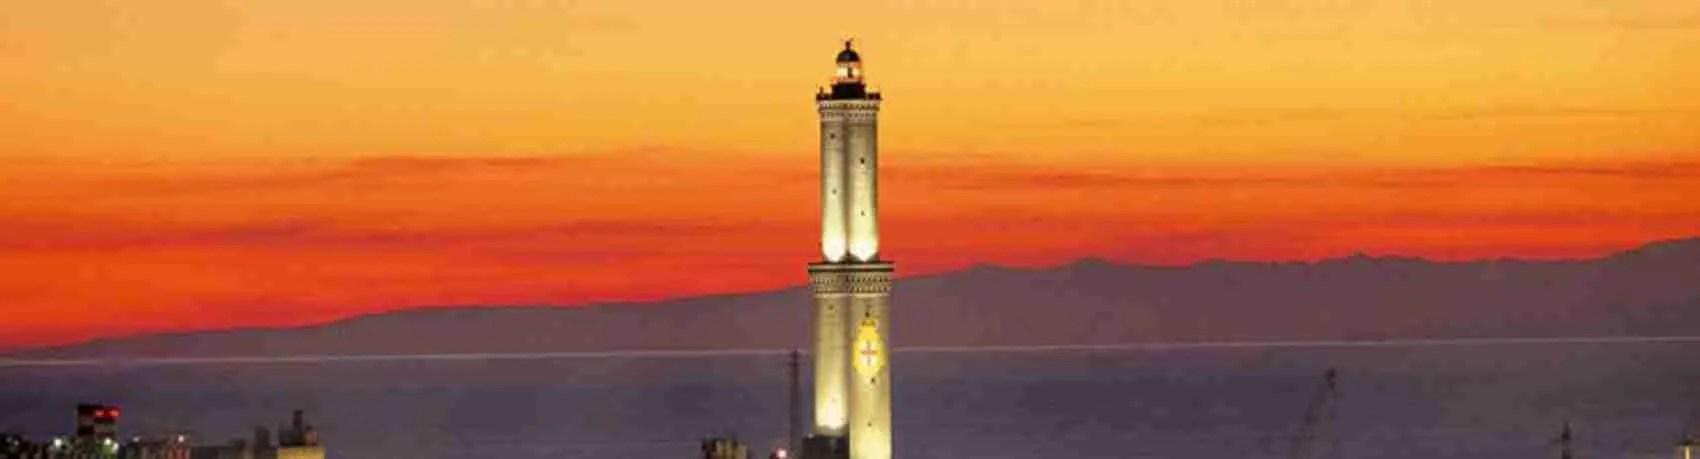 Per una serata romantica in compagnia di una escort Genova, la Lanterna di Genova è perfetta per creare la giusta atmosfera.